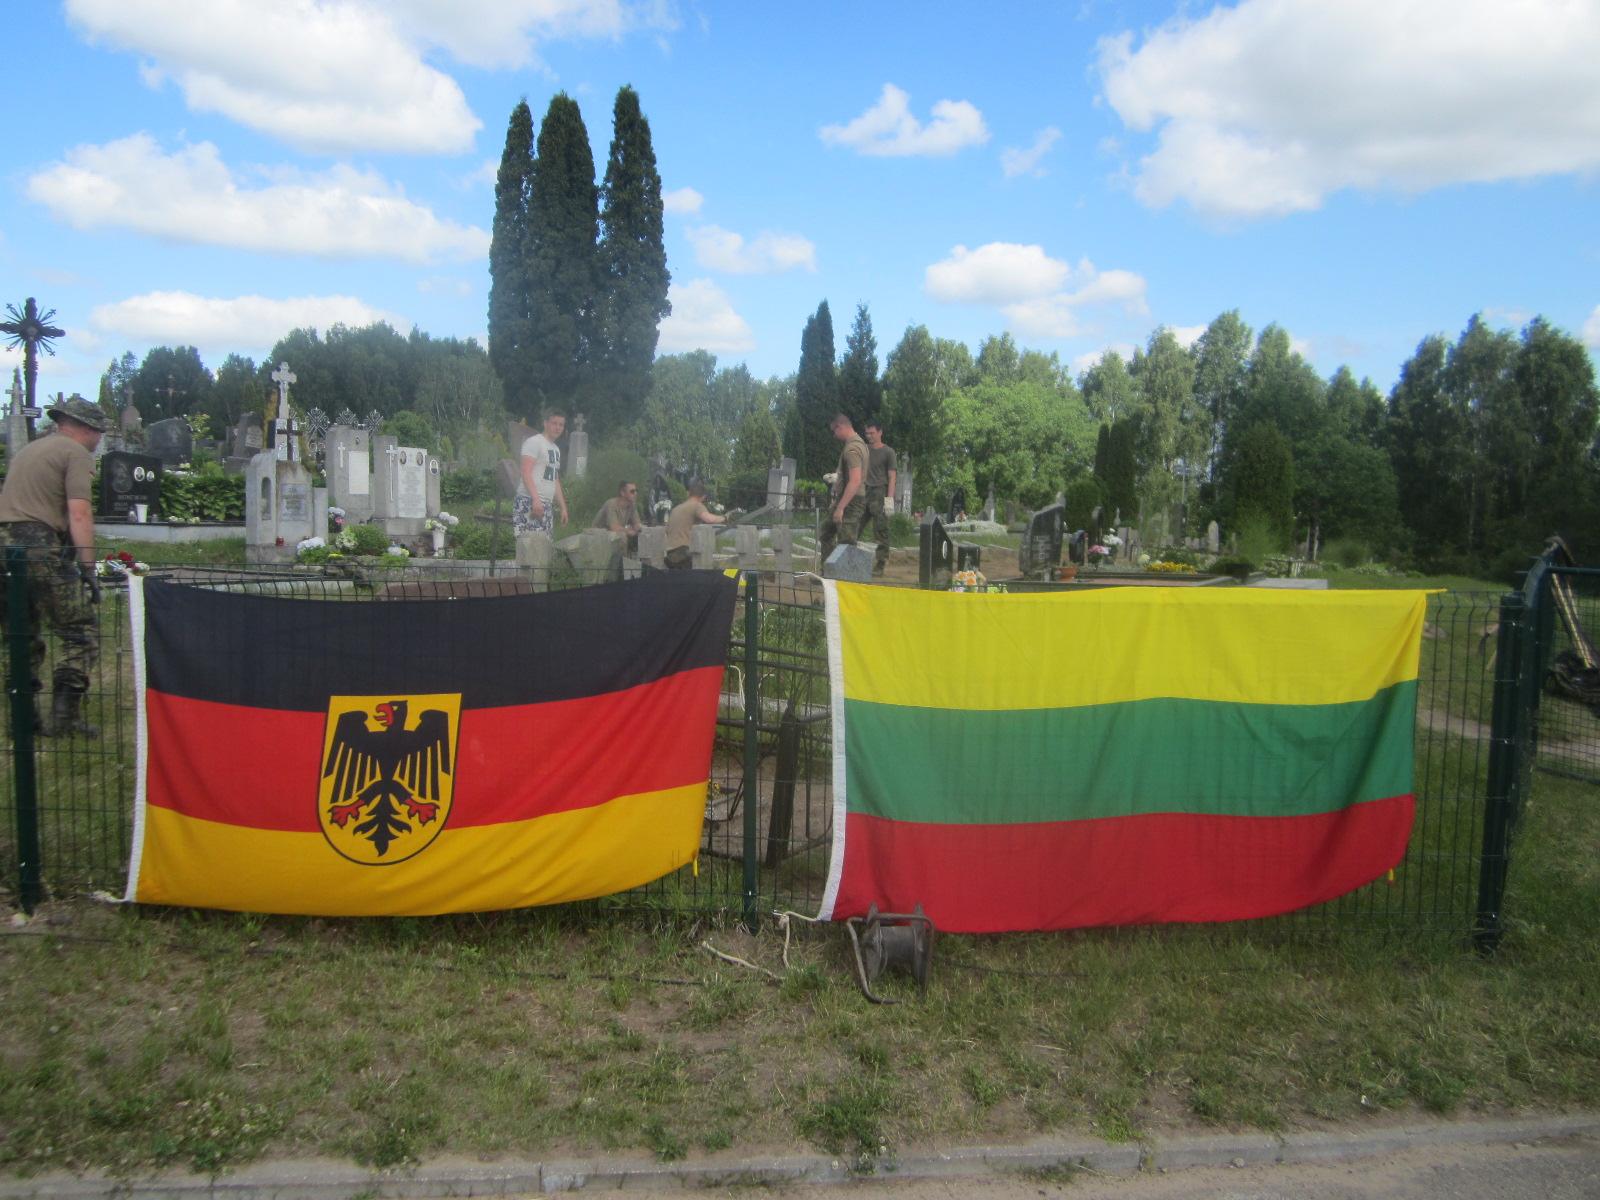 Semeliškėse restauruota Pirmojo pasaulinio karo karių kapavietė